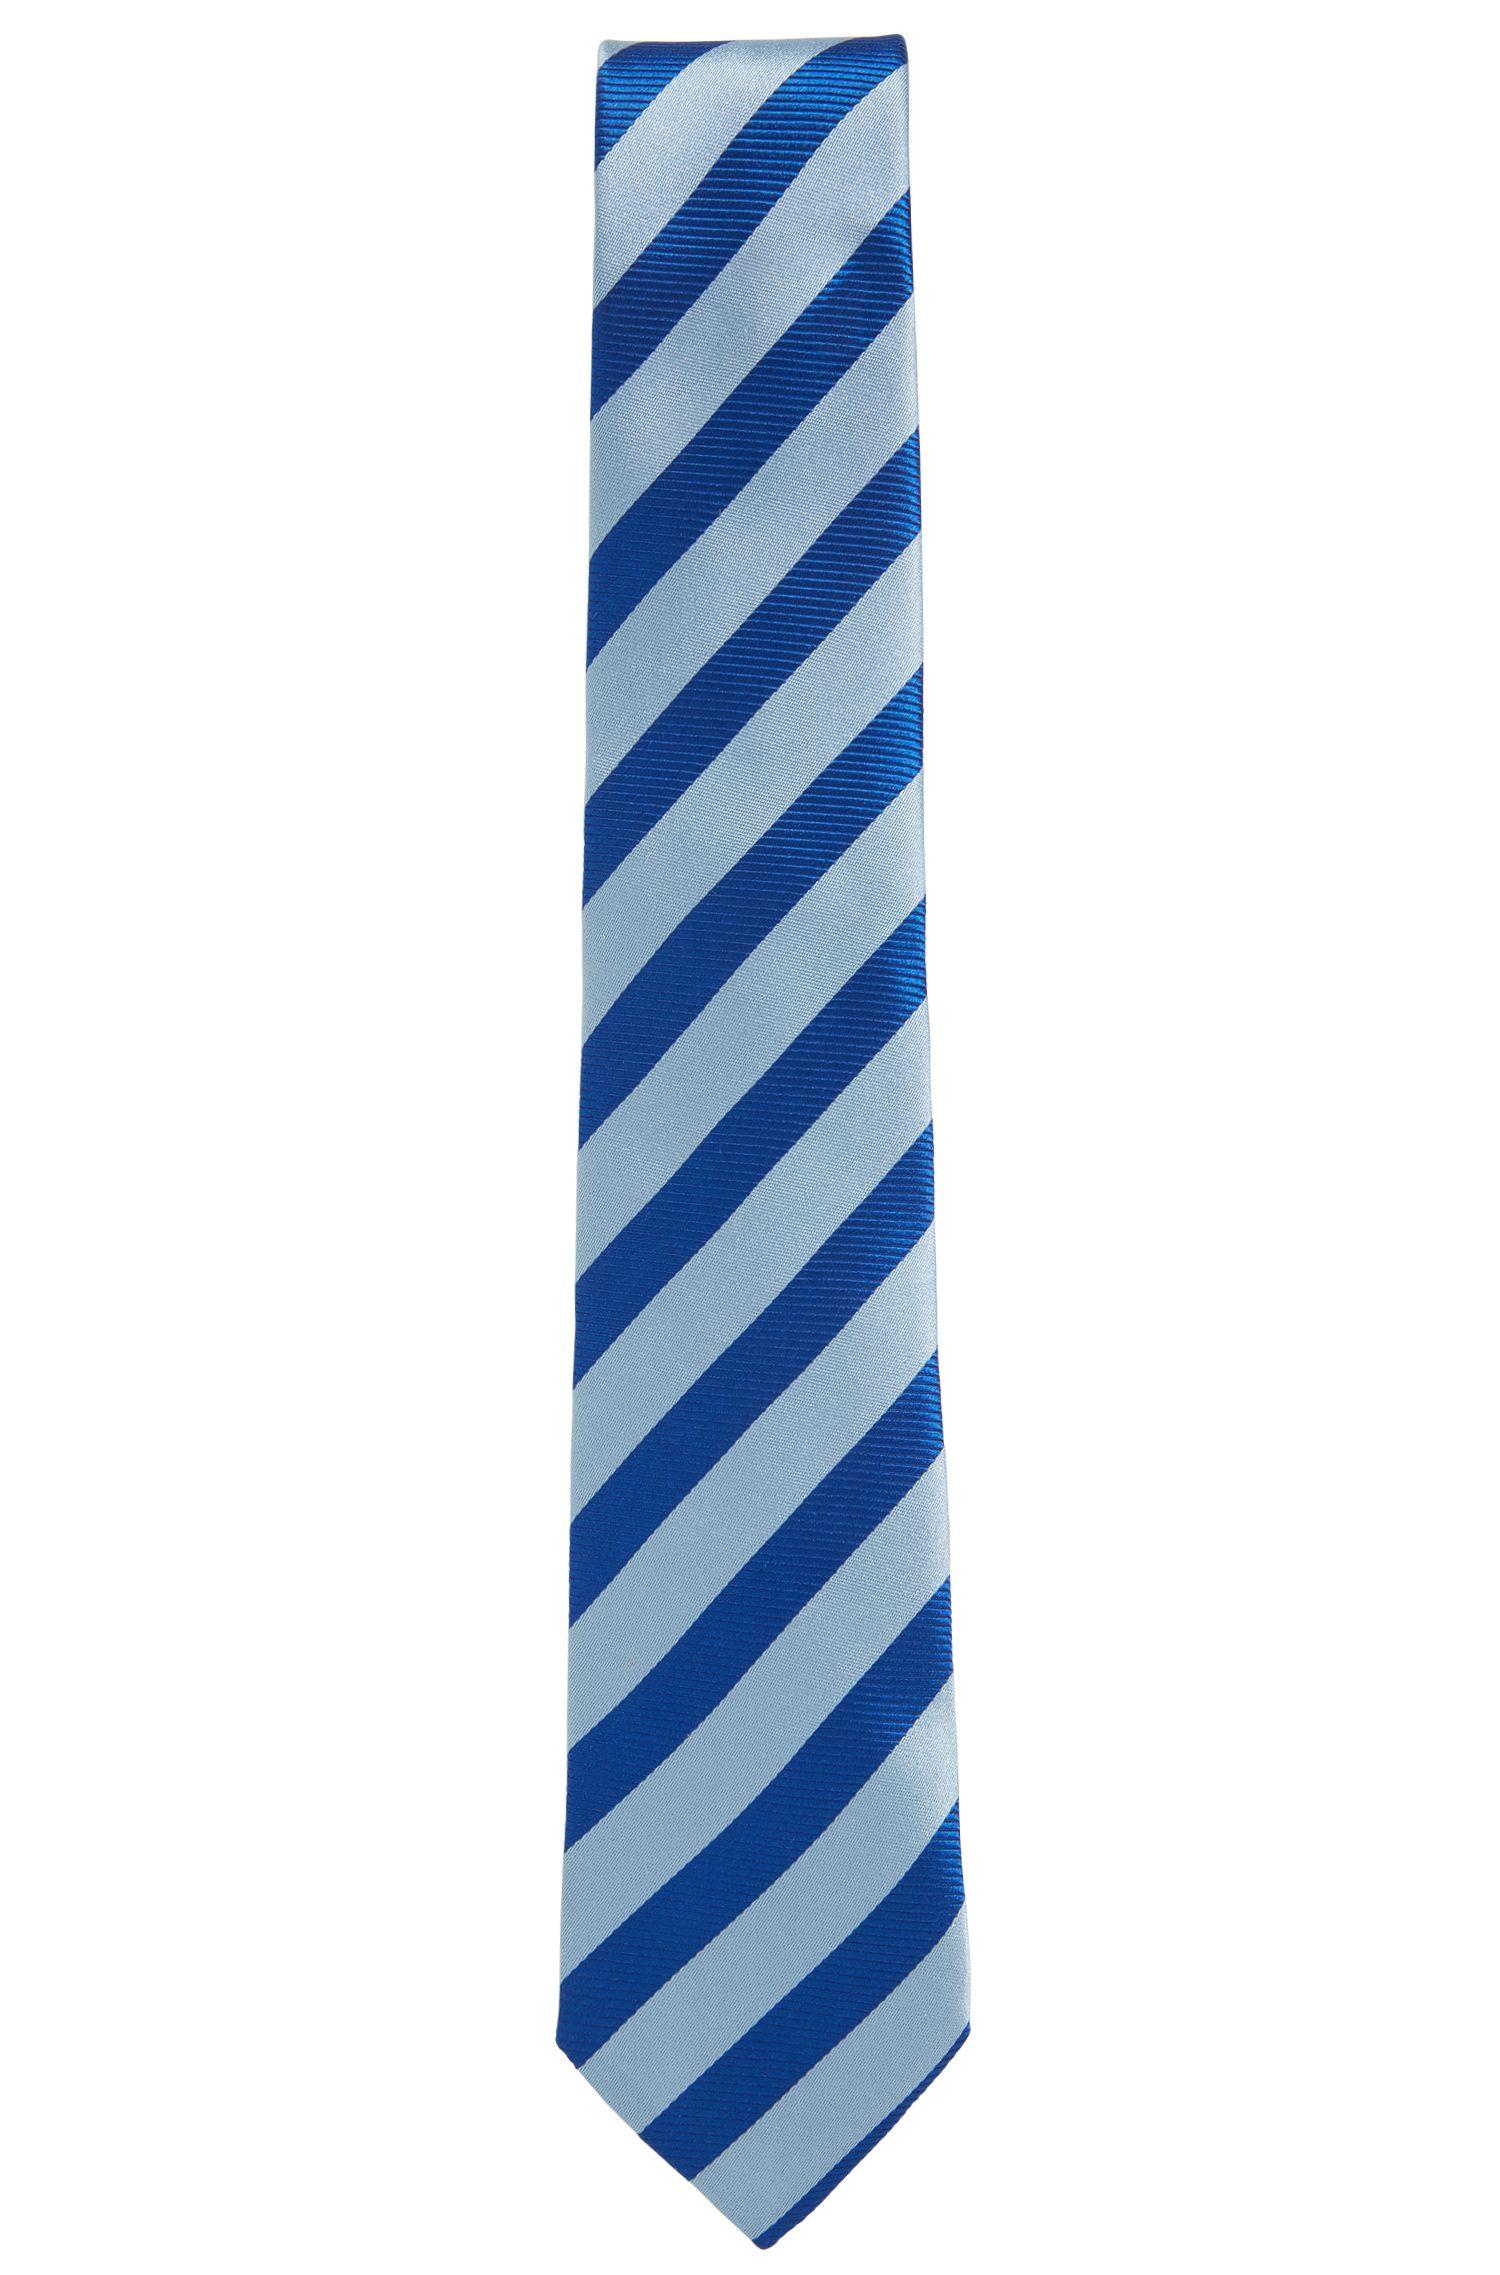 BOSS Tailored Italian Silk Jacquard Tie